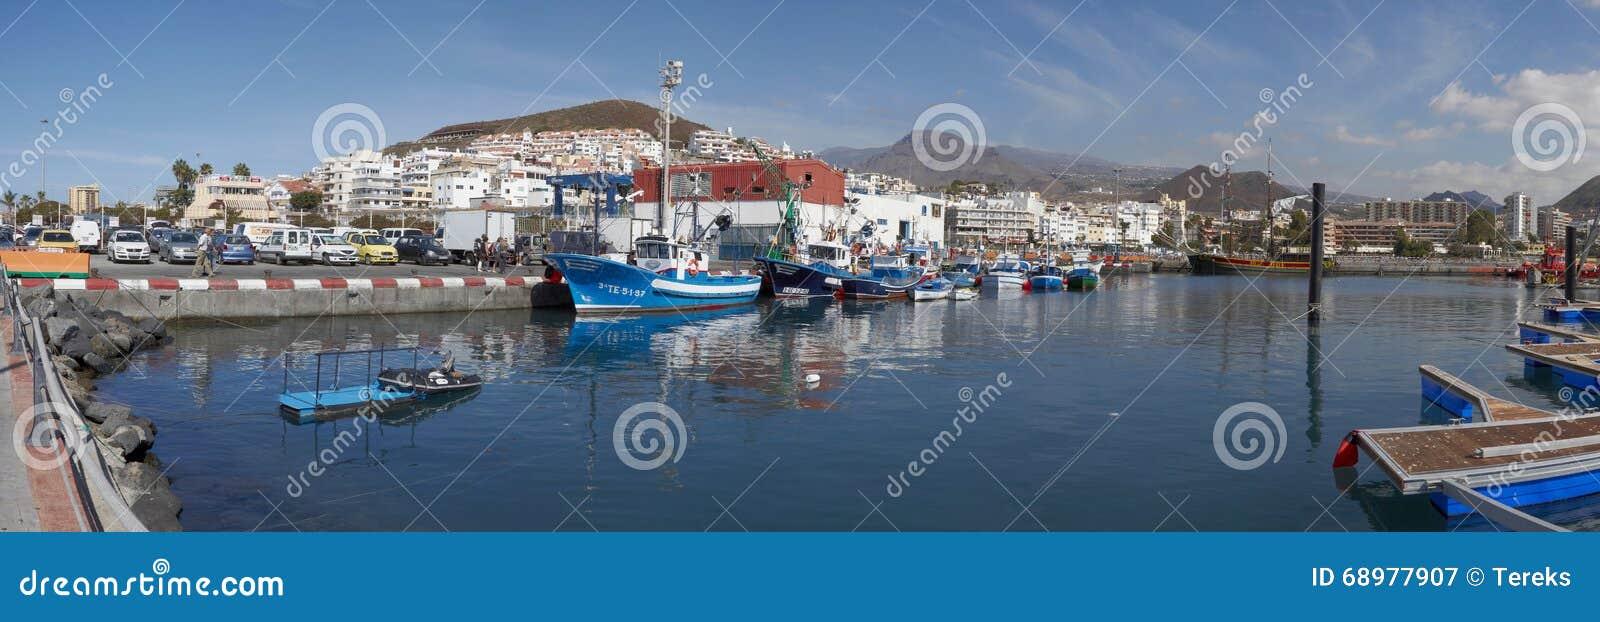 Vista de la ciudad del Los Cristianos, Tenerife, islas Canarias, España